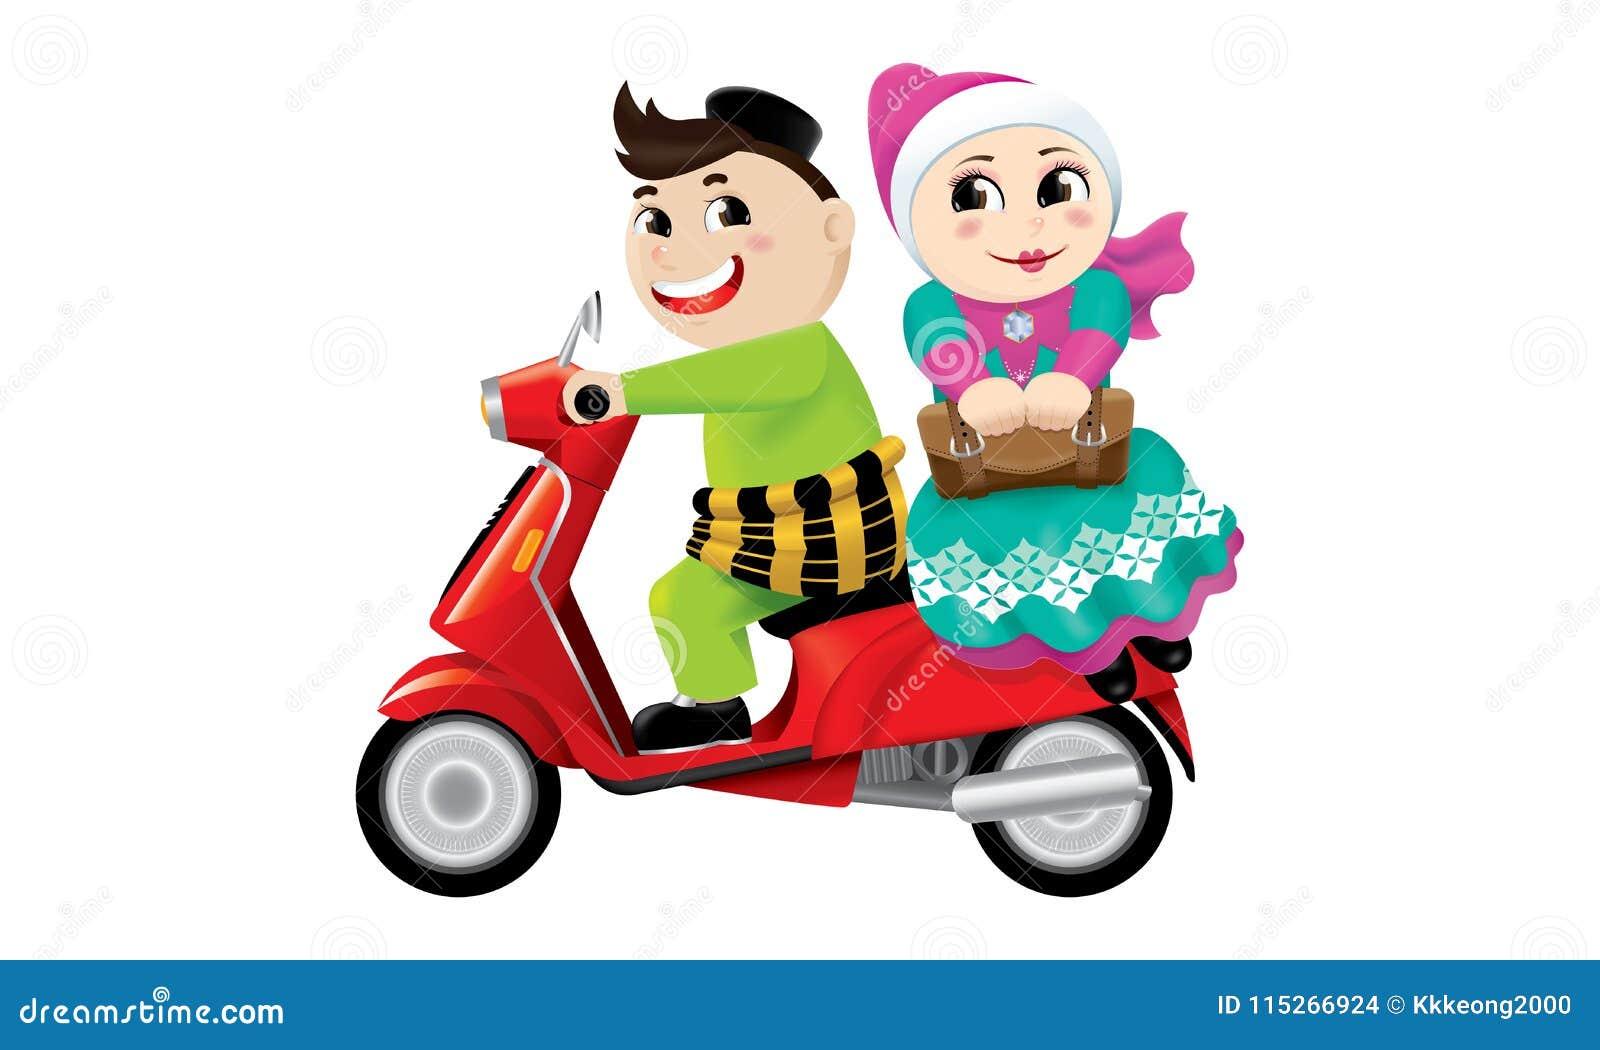 Moslemisches Jungen- und Mädchenreiten auf einem Motorrad zusammen Getrennt